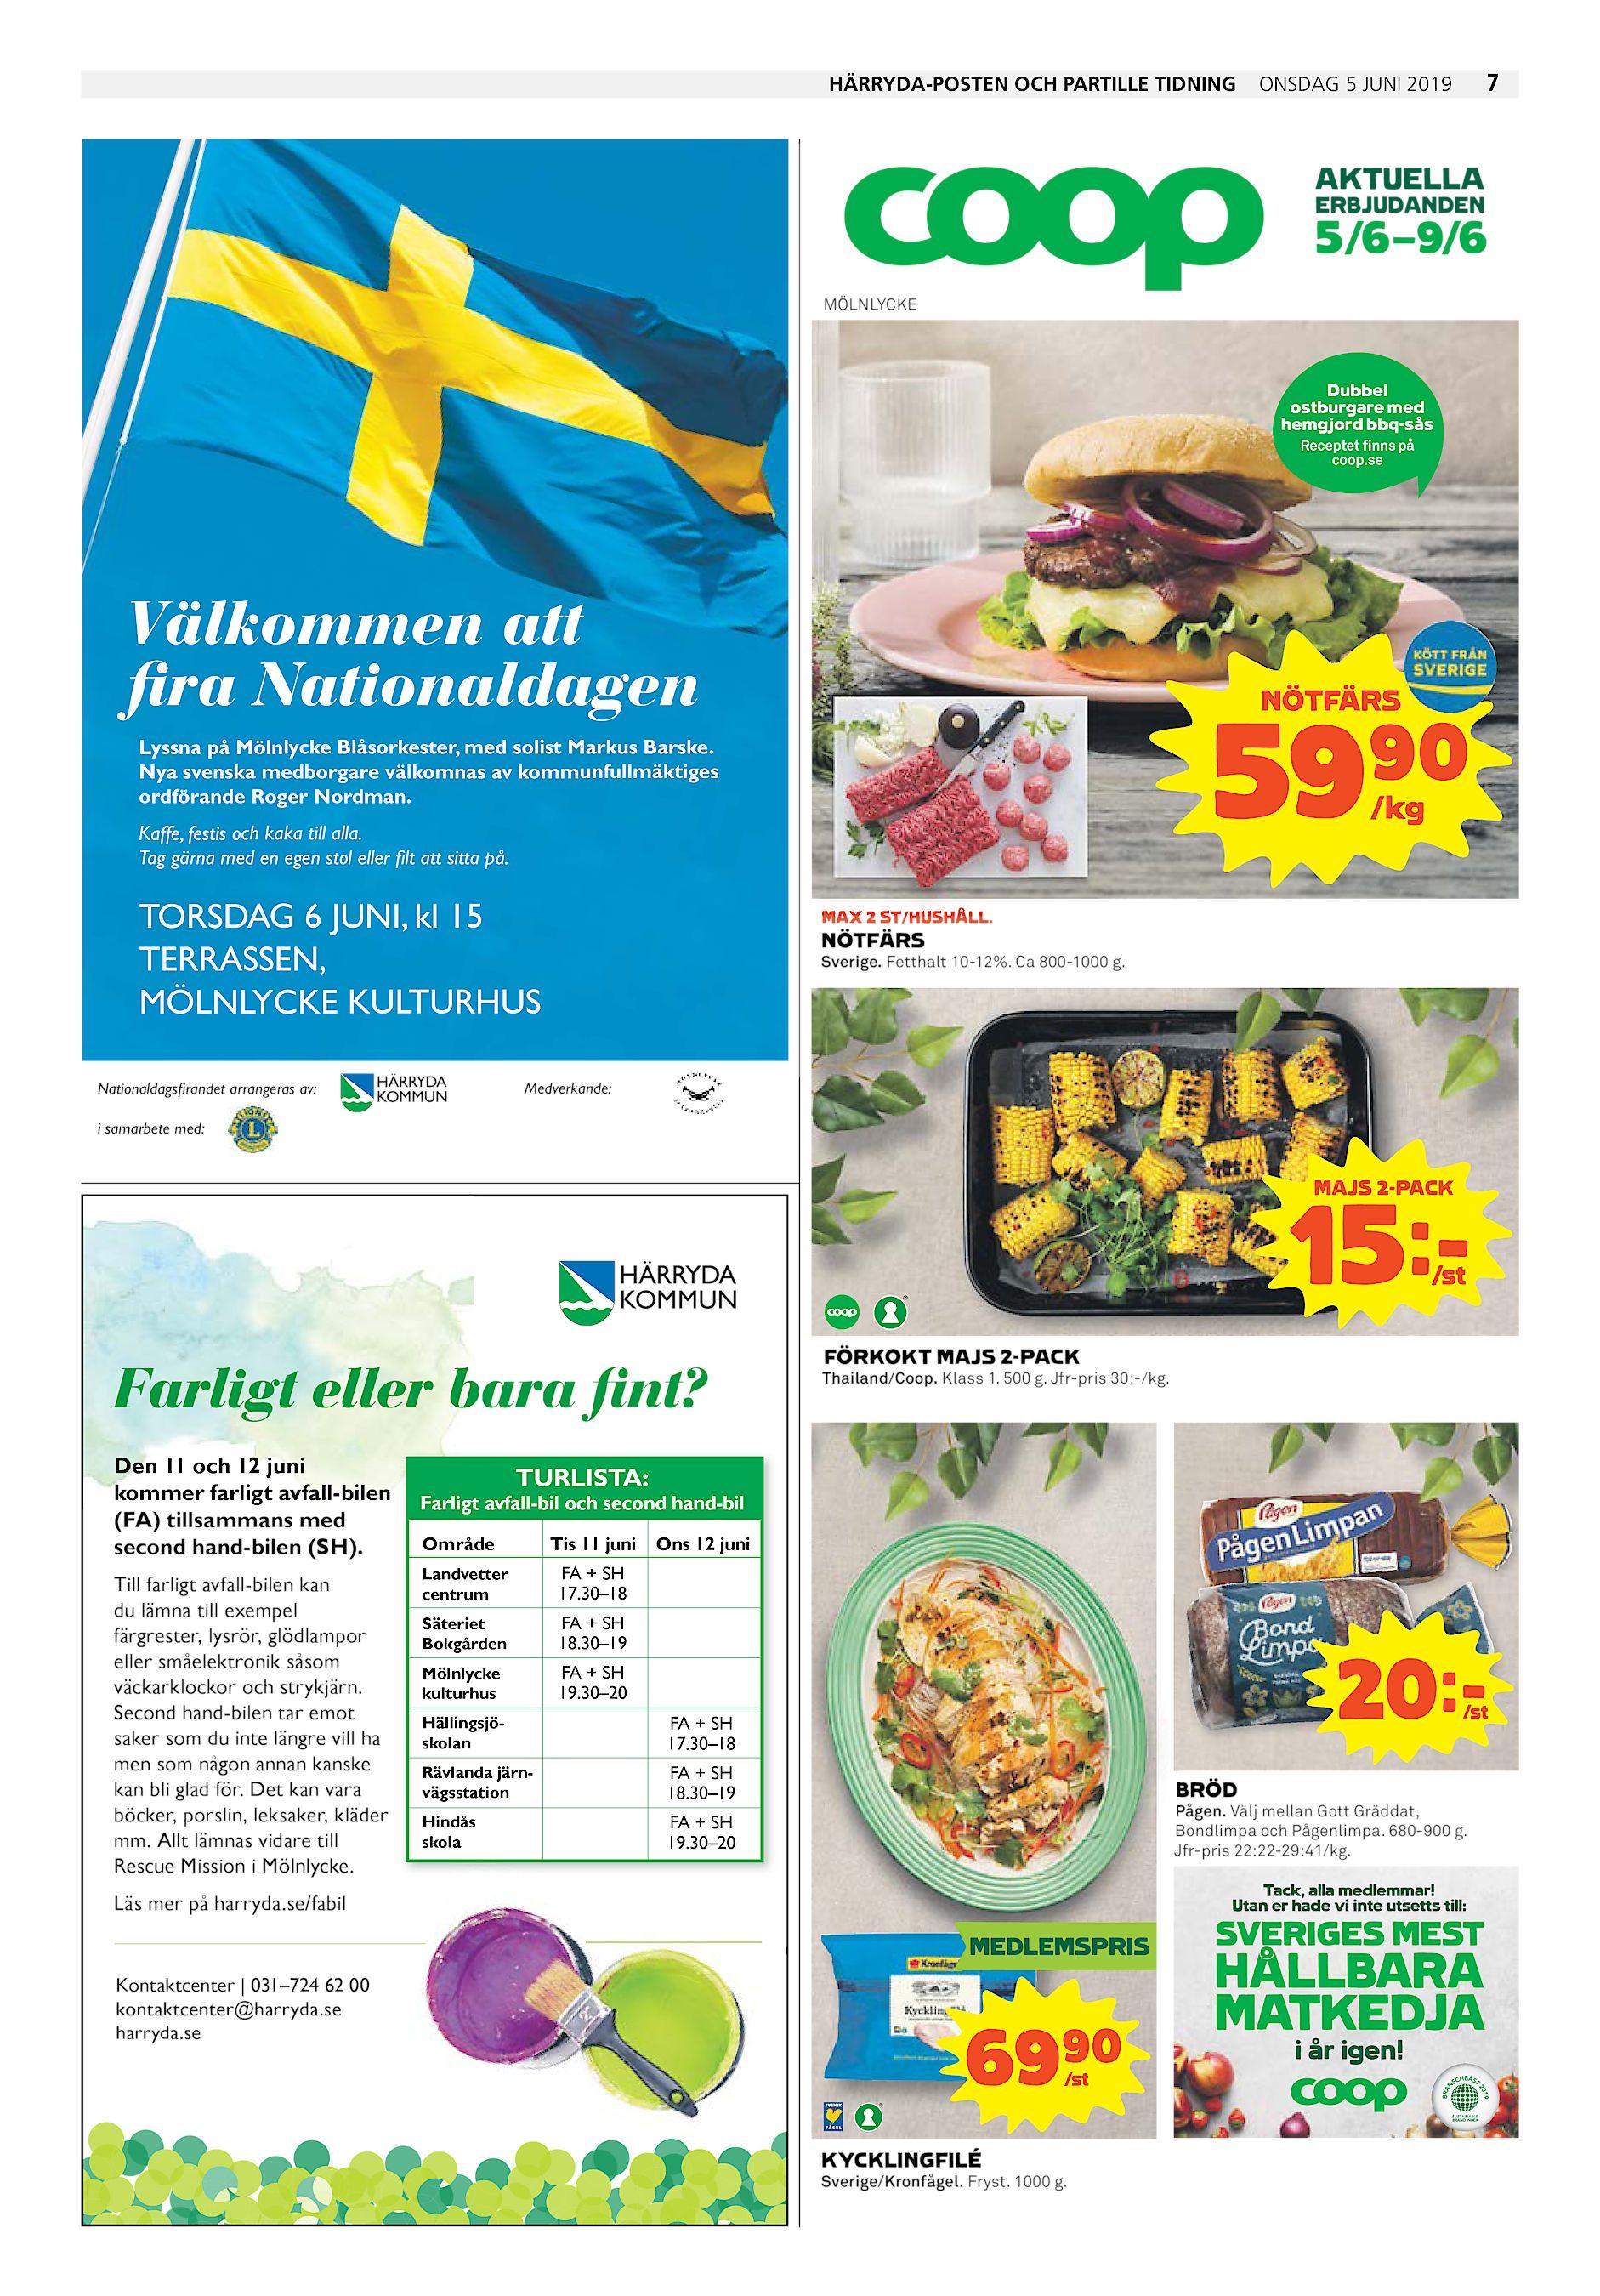 9e066da958be Härryda-Posten och Partille Tidning onsdag 5 juni 2019 7 AKTUELLA  ERBJUDANDEN 5/6–9/6 MÖLNLYCKE Dubbel ostburgare med hemgjord bbq-sås  Receptet finns på ...